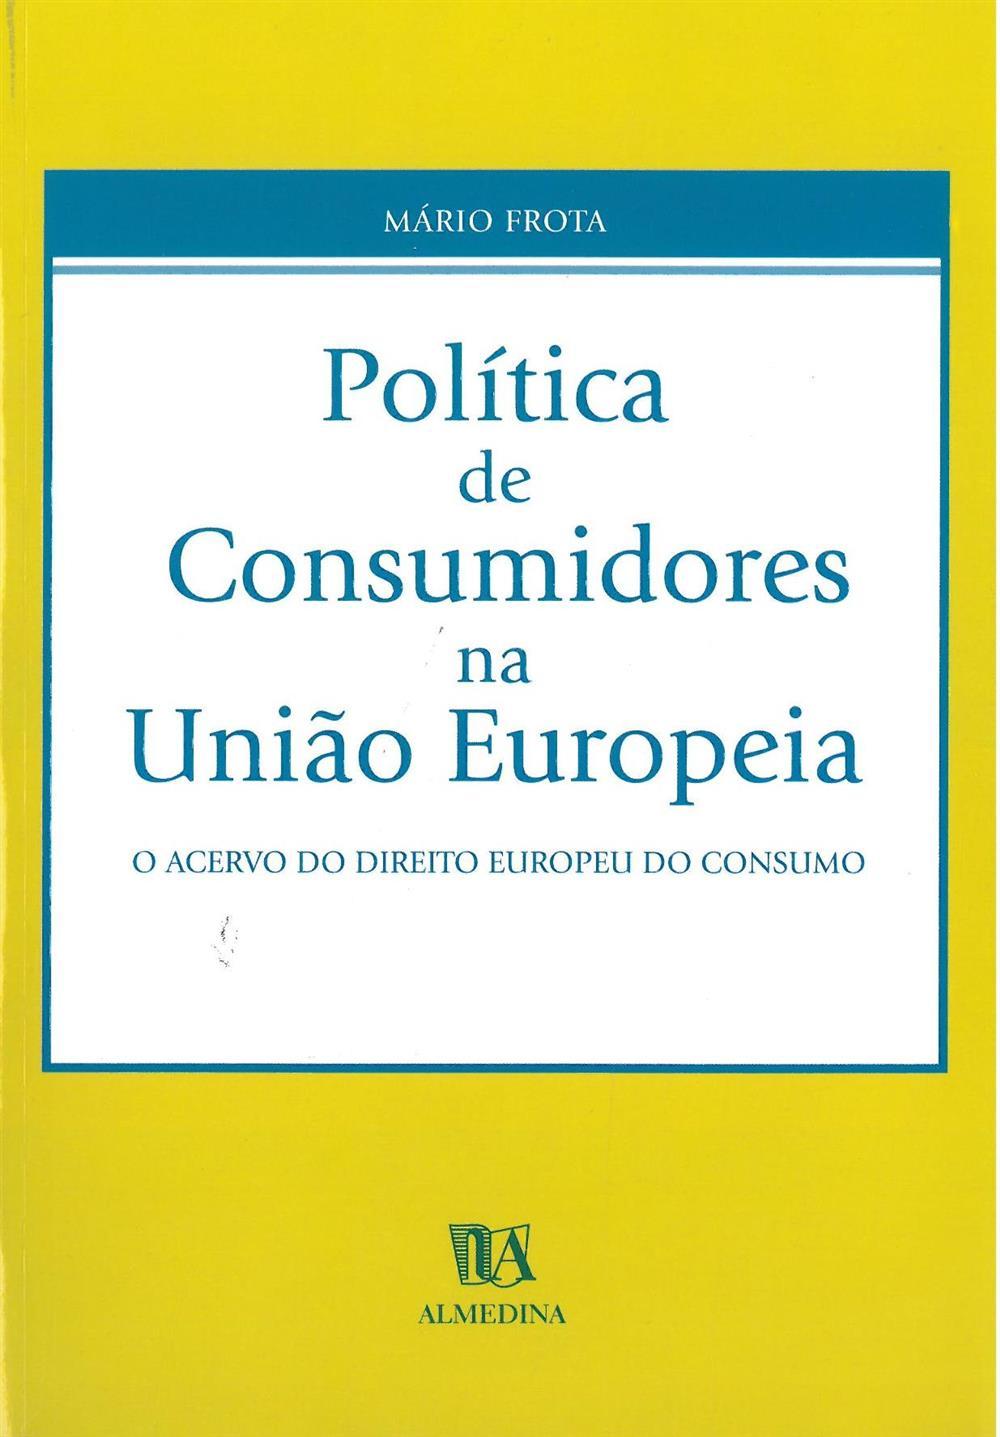 Política de consumidores na União Europeia_.jpg